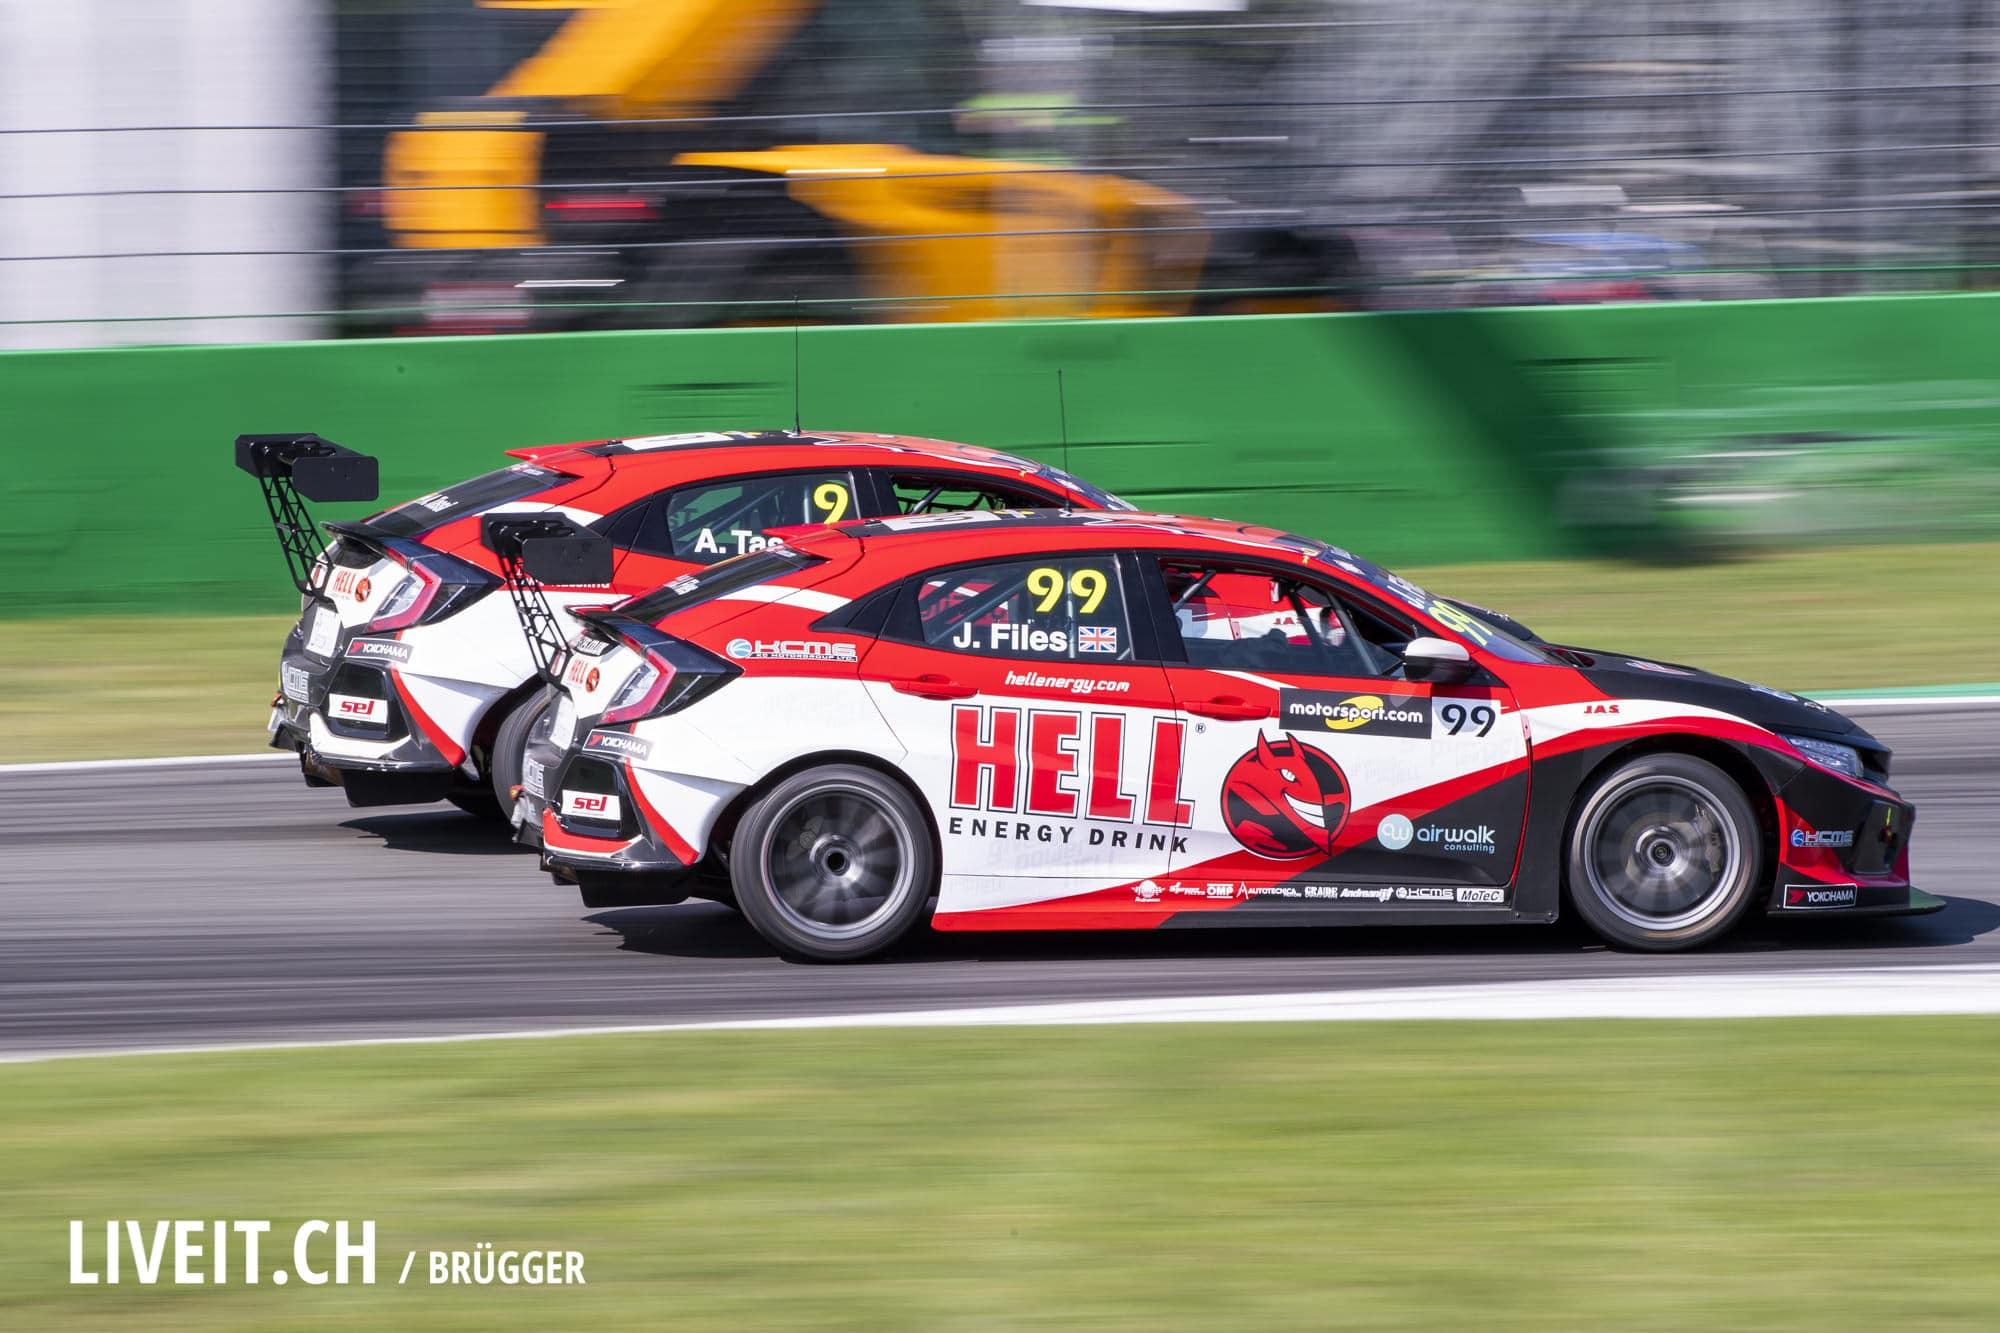 TCR Europe, Race 2 am Sonntag 23. September 2018 in Monza (Fotografiert von Dominic Bruegger für liveit.ch)